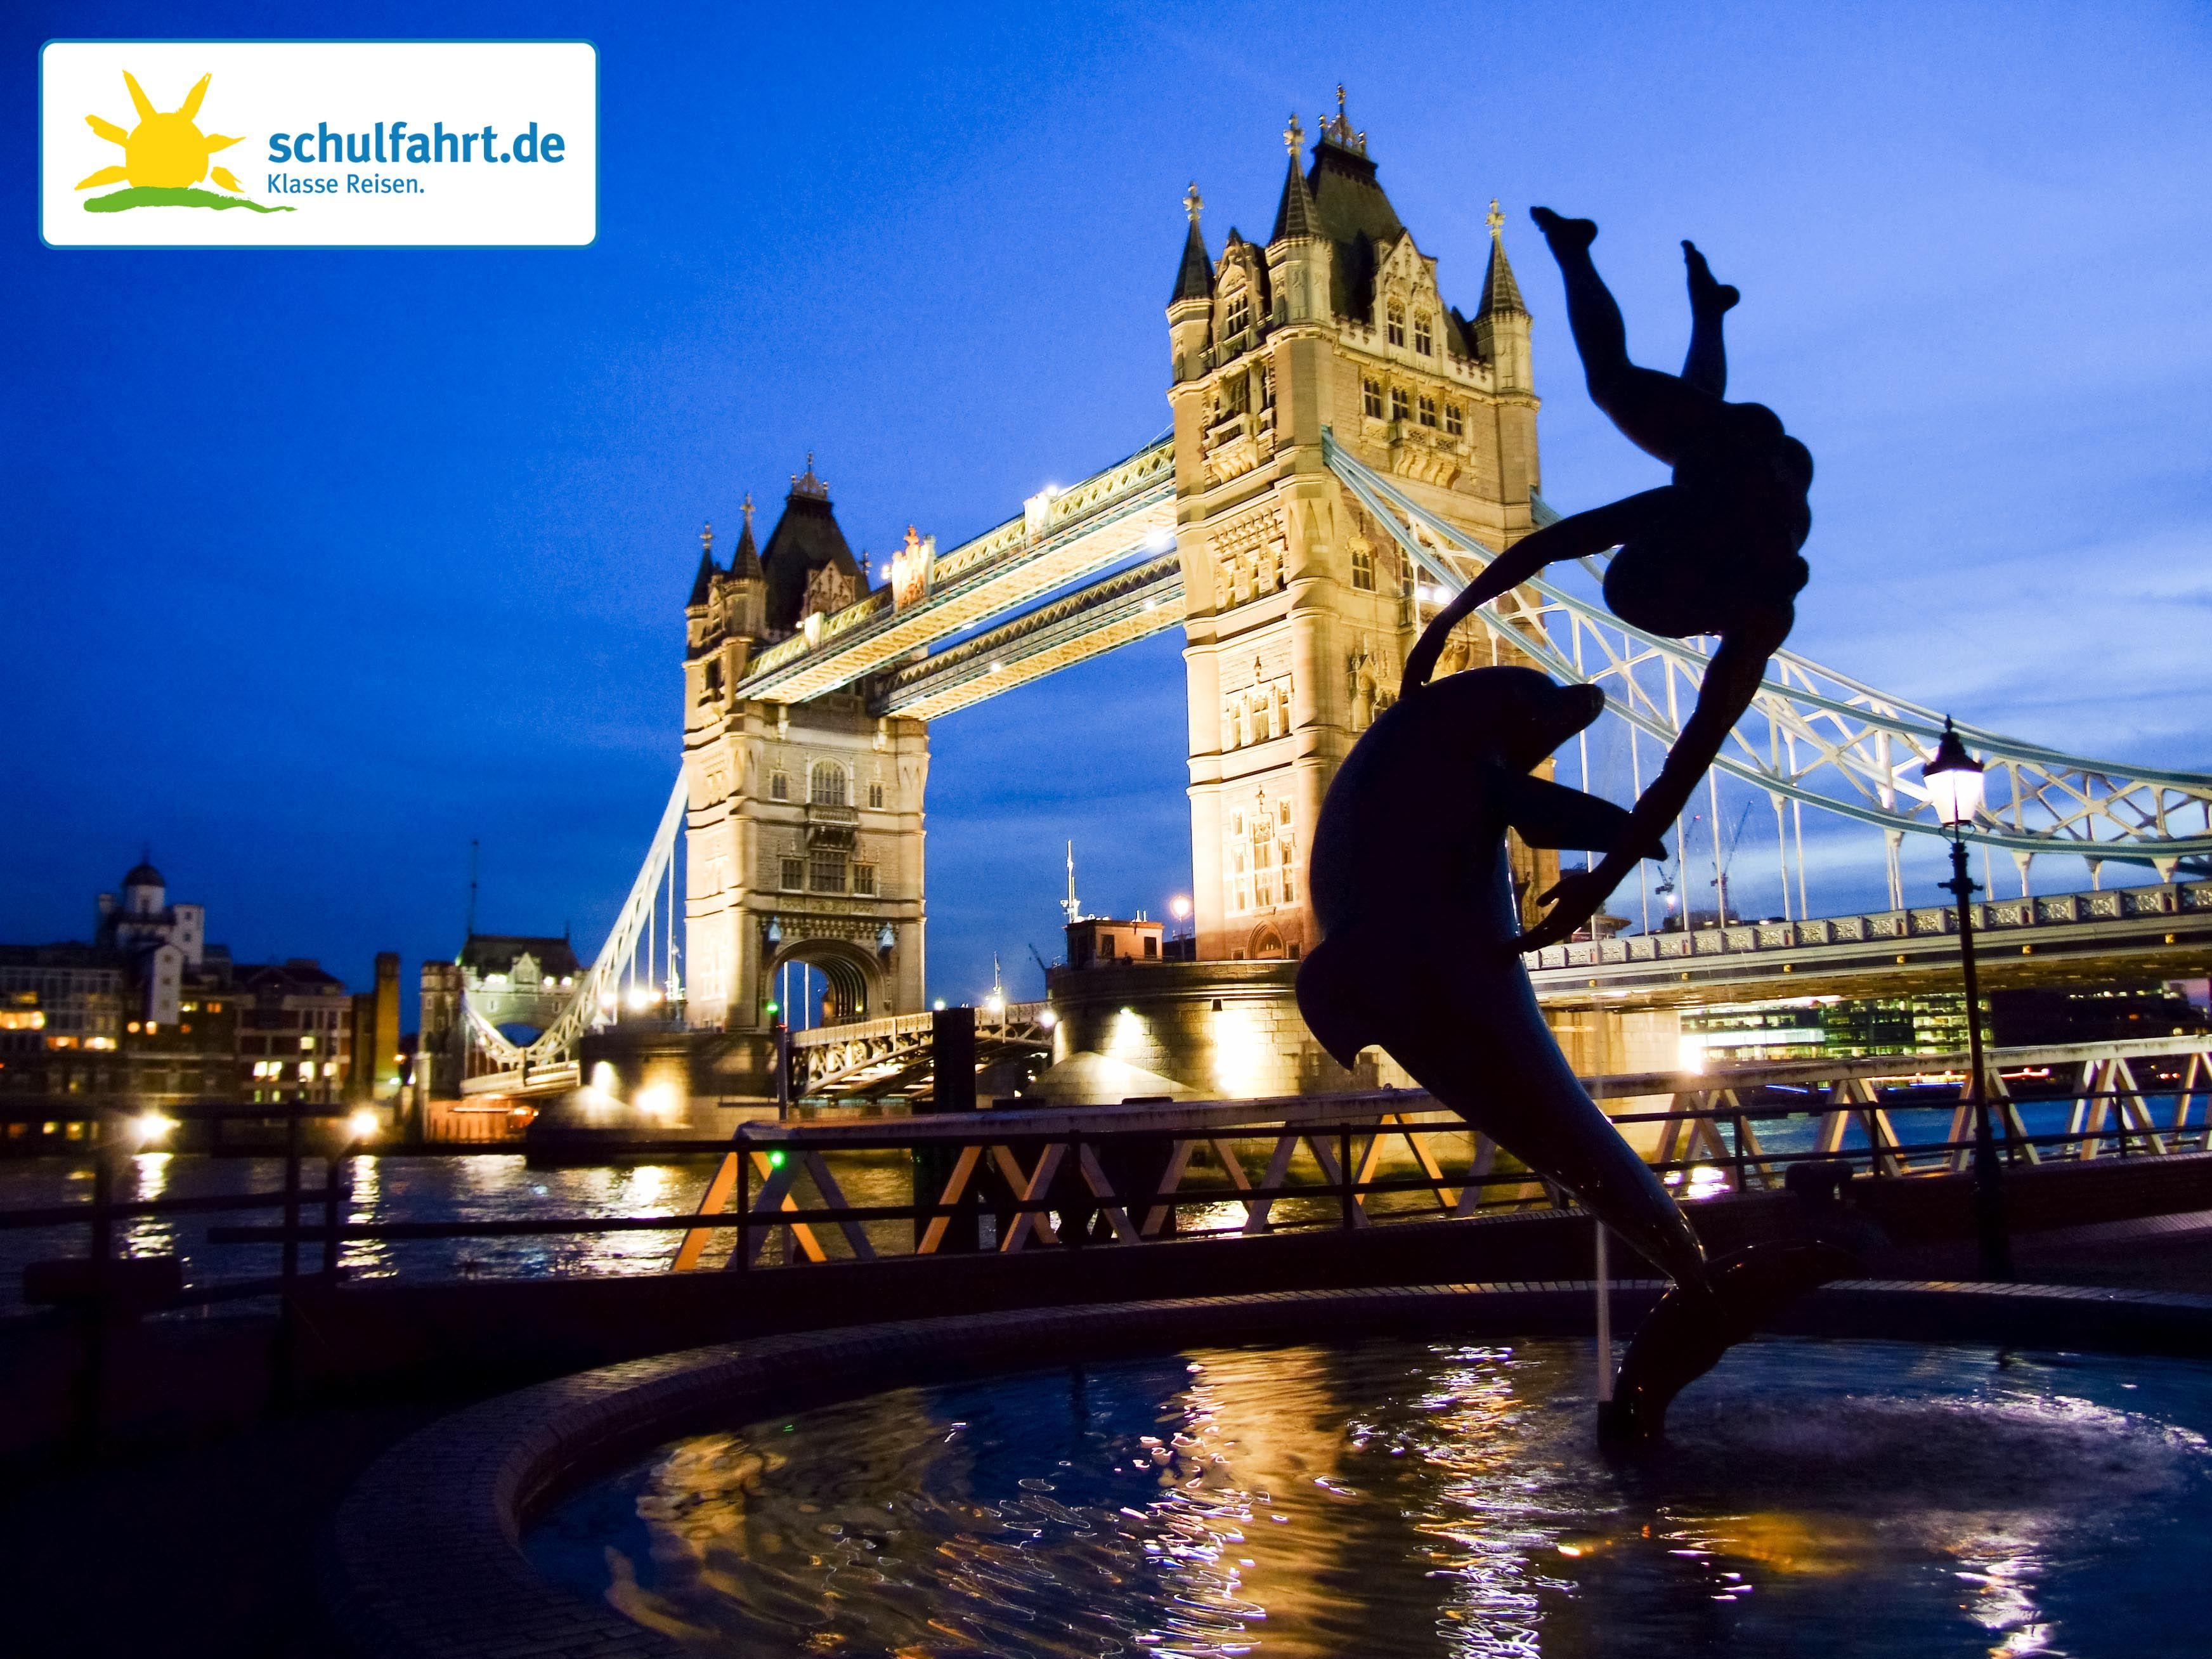 Die Tower Bridge kurz nach Sonnenuntergang. #London #Schulfahrt #Klassenfahrt